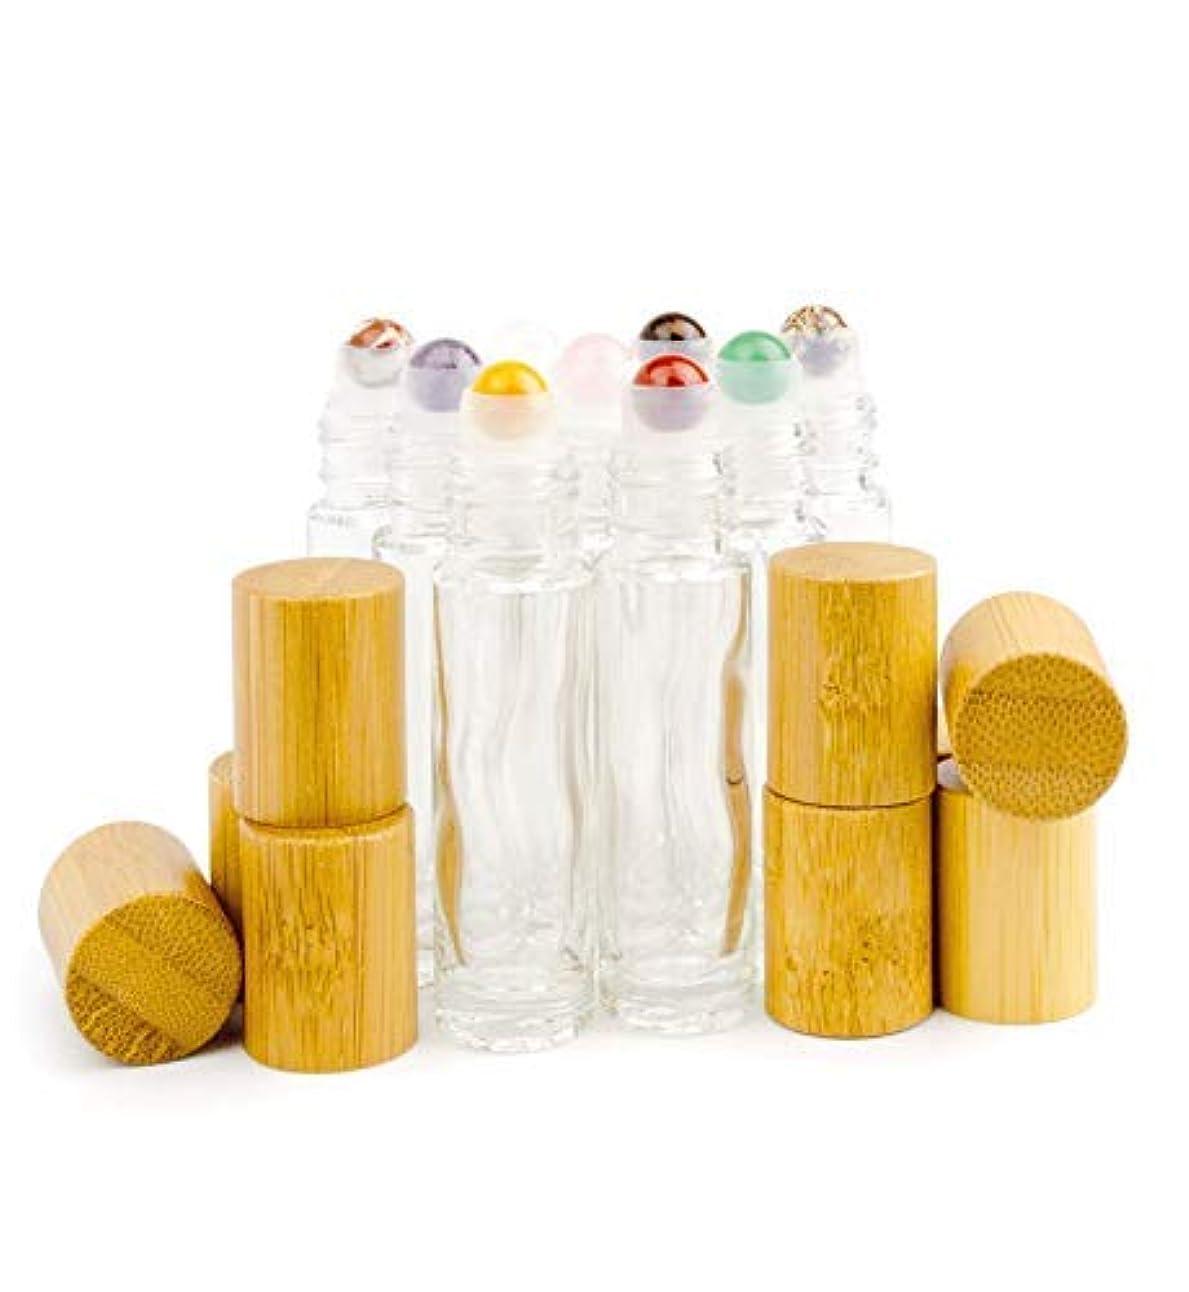 耕すメガロポリス反乱Grand Parfums 9 Gemstone Crystal Roller Tops in 10ml Clear Glass Bottles, with Natural Bamboo Caps for Essential Oil Blends, DIY Aromatherapy [並行輸入品]